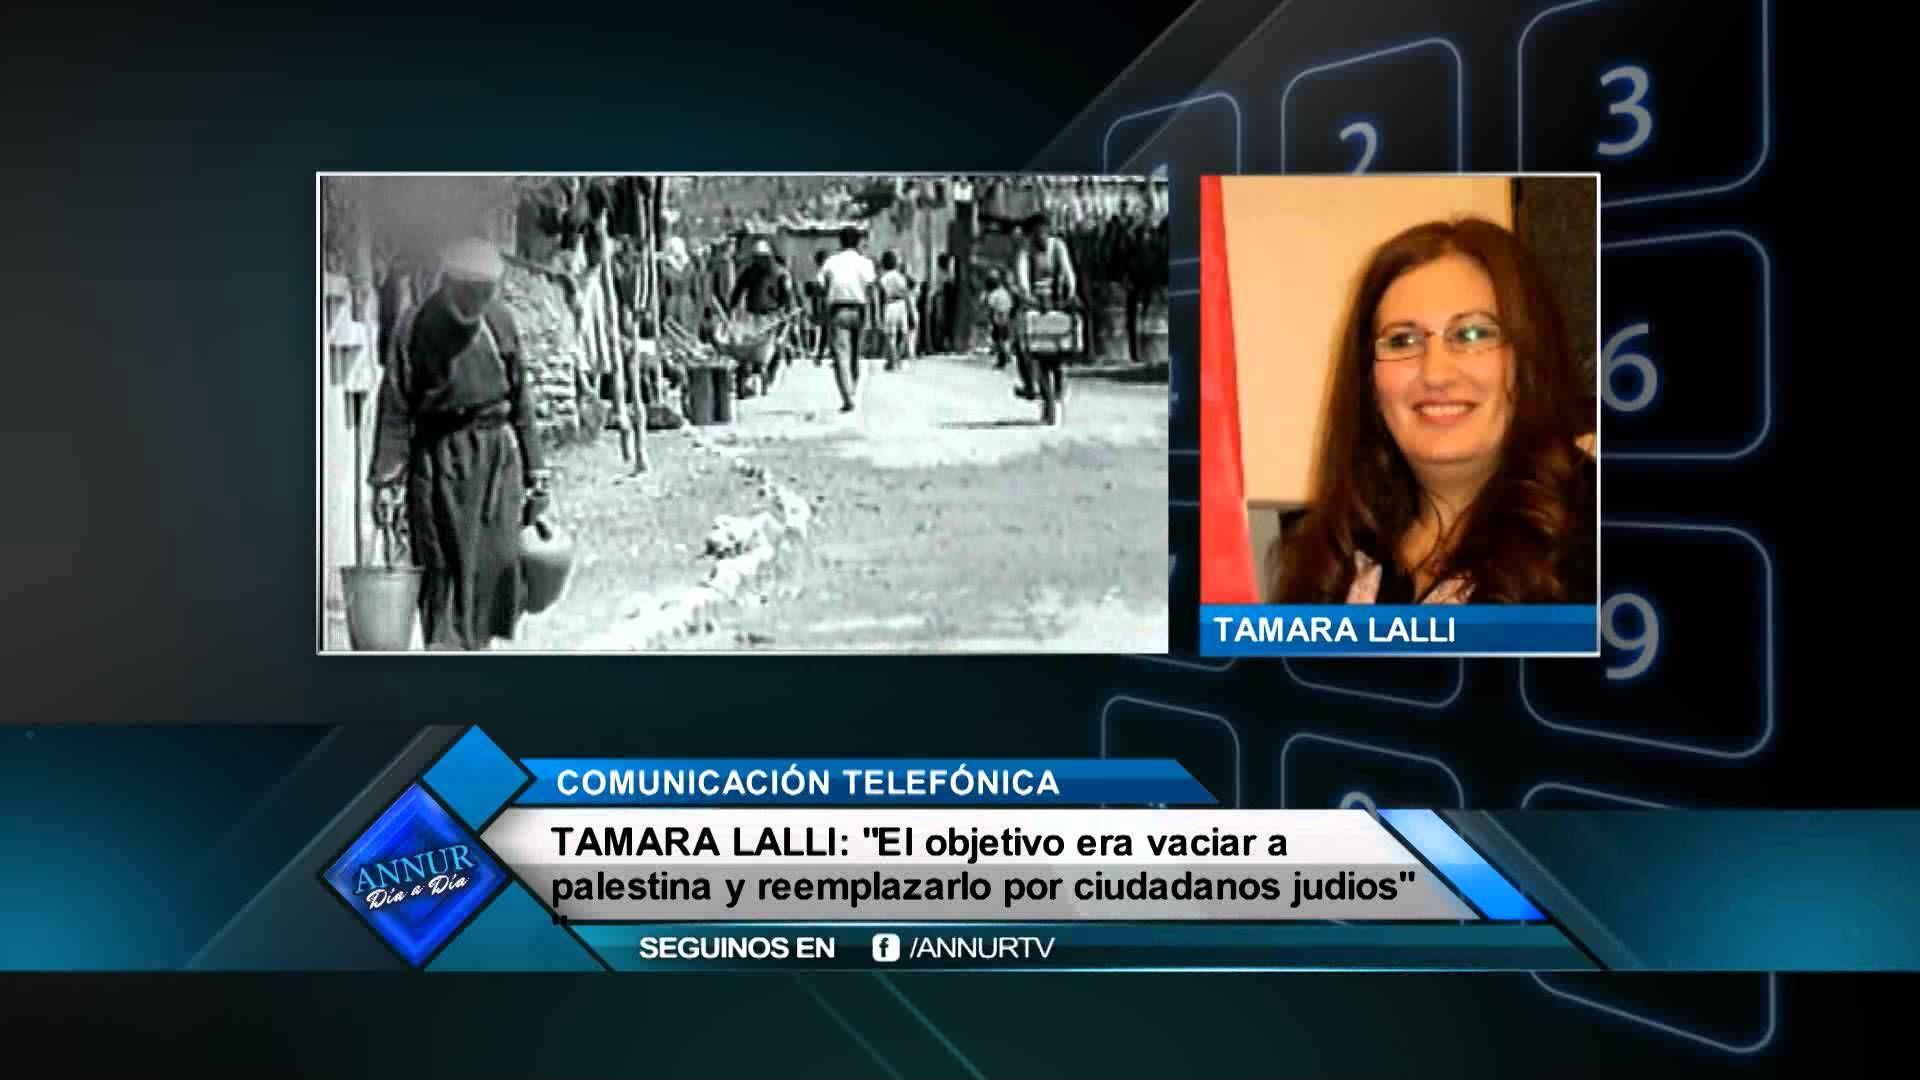 Tamara Lalli nos explica la catastrofe Palestina